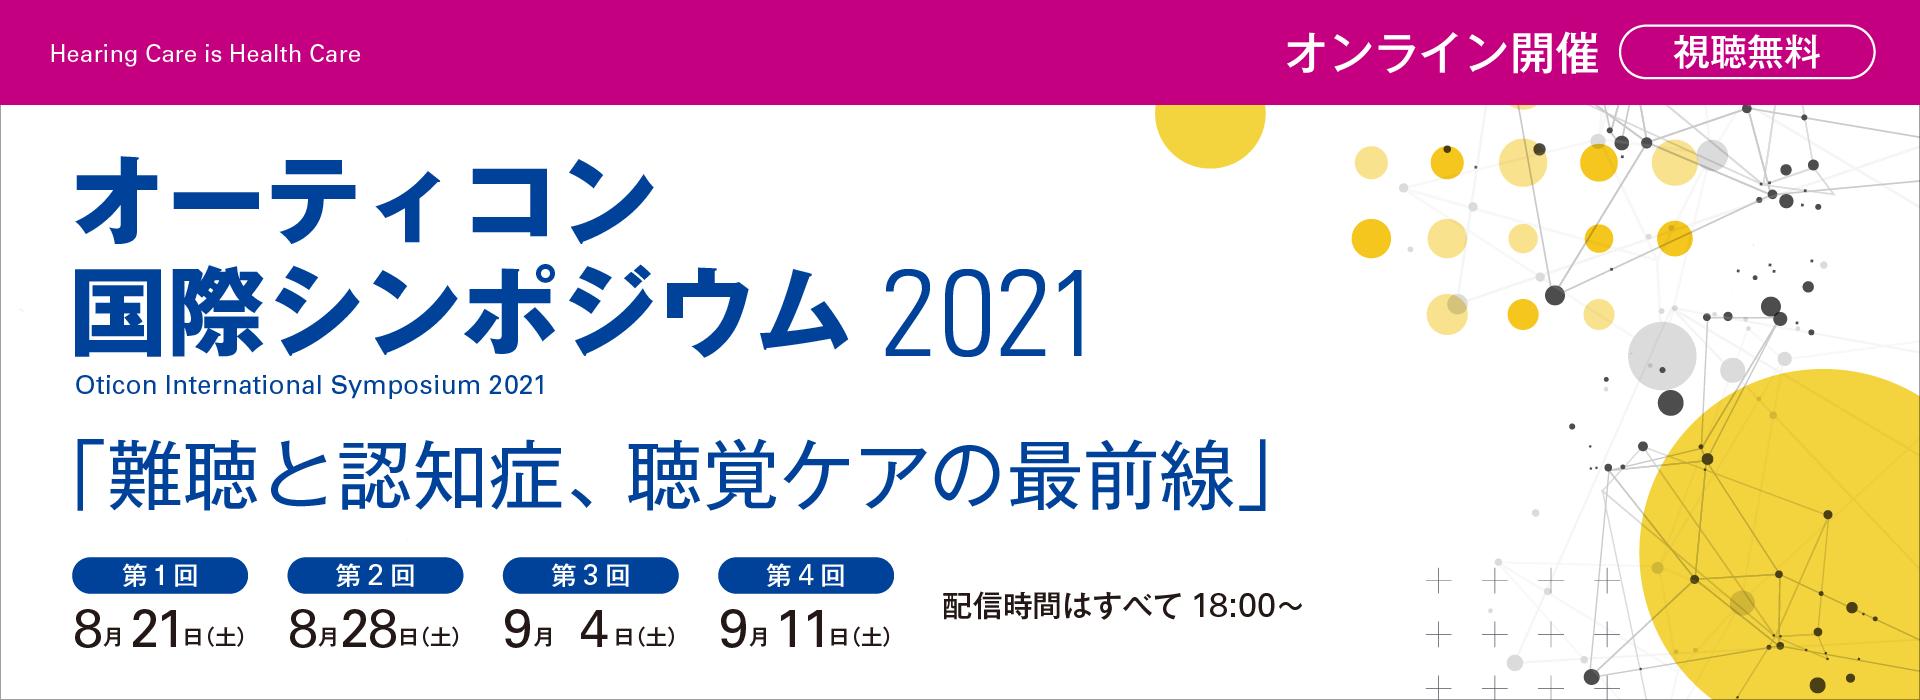 oticon_symposium2021